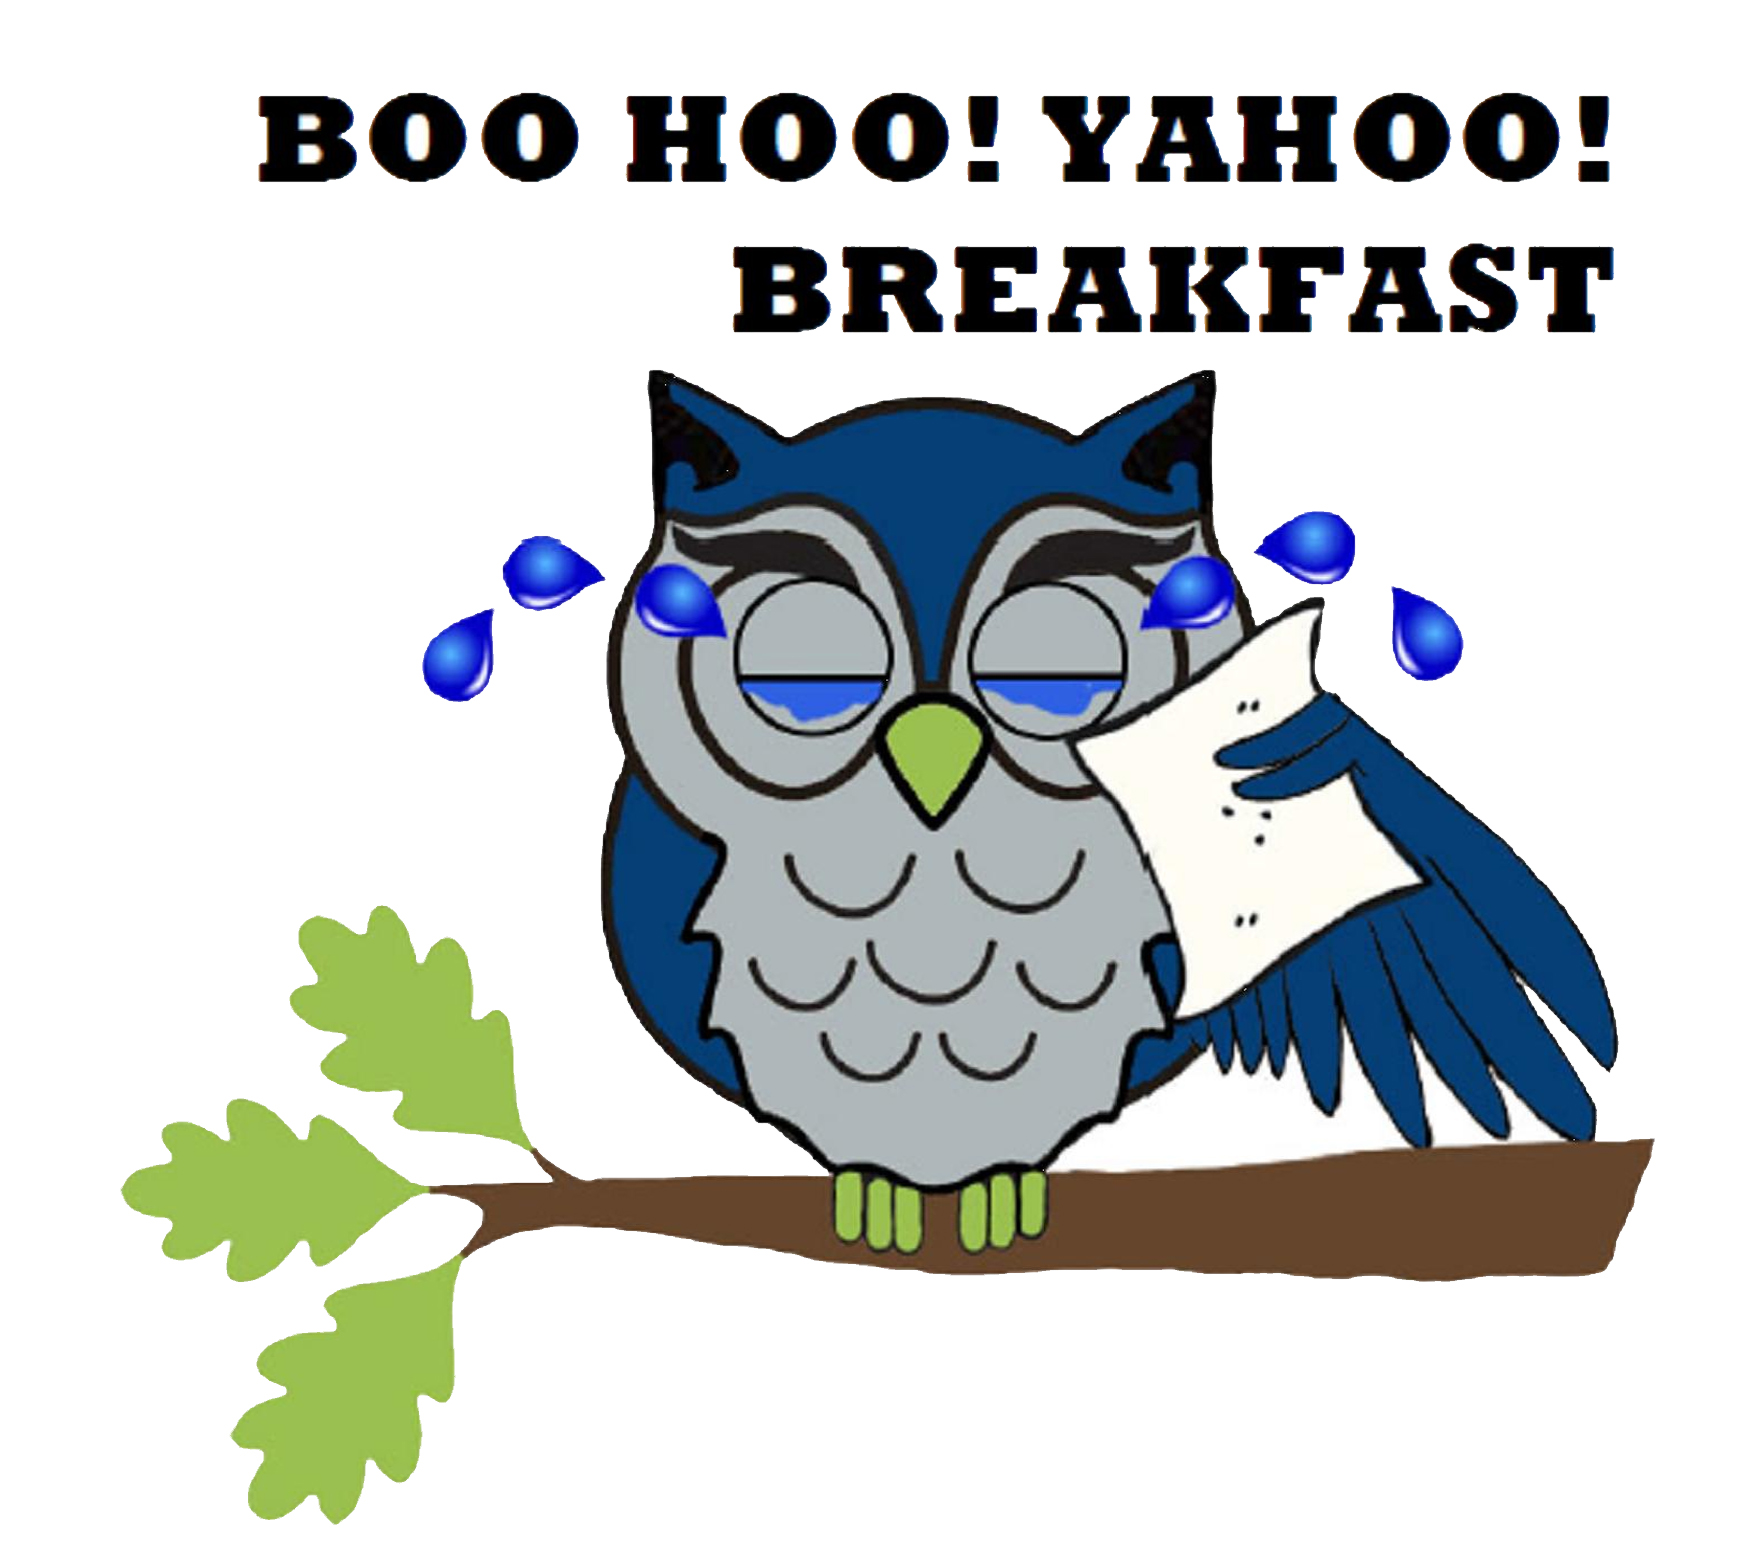 Boohoo Yahoo logo.jpg